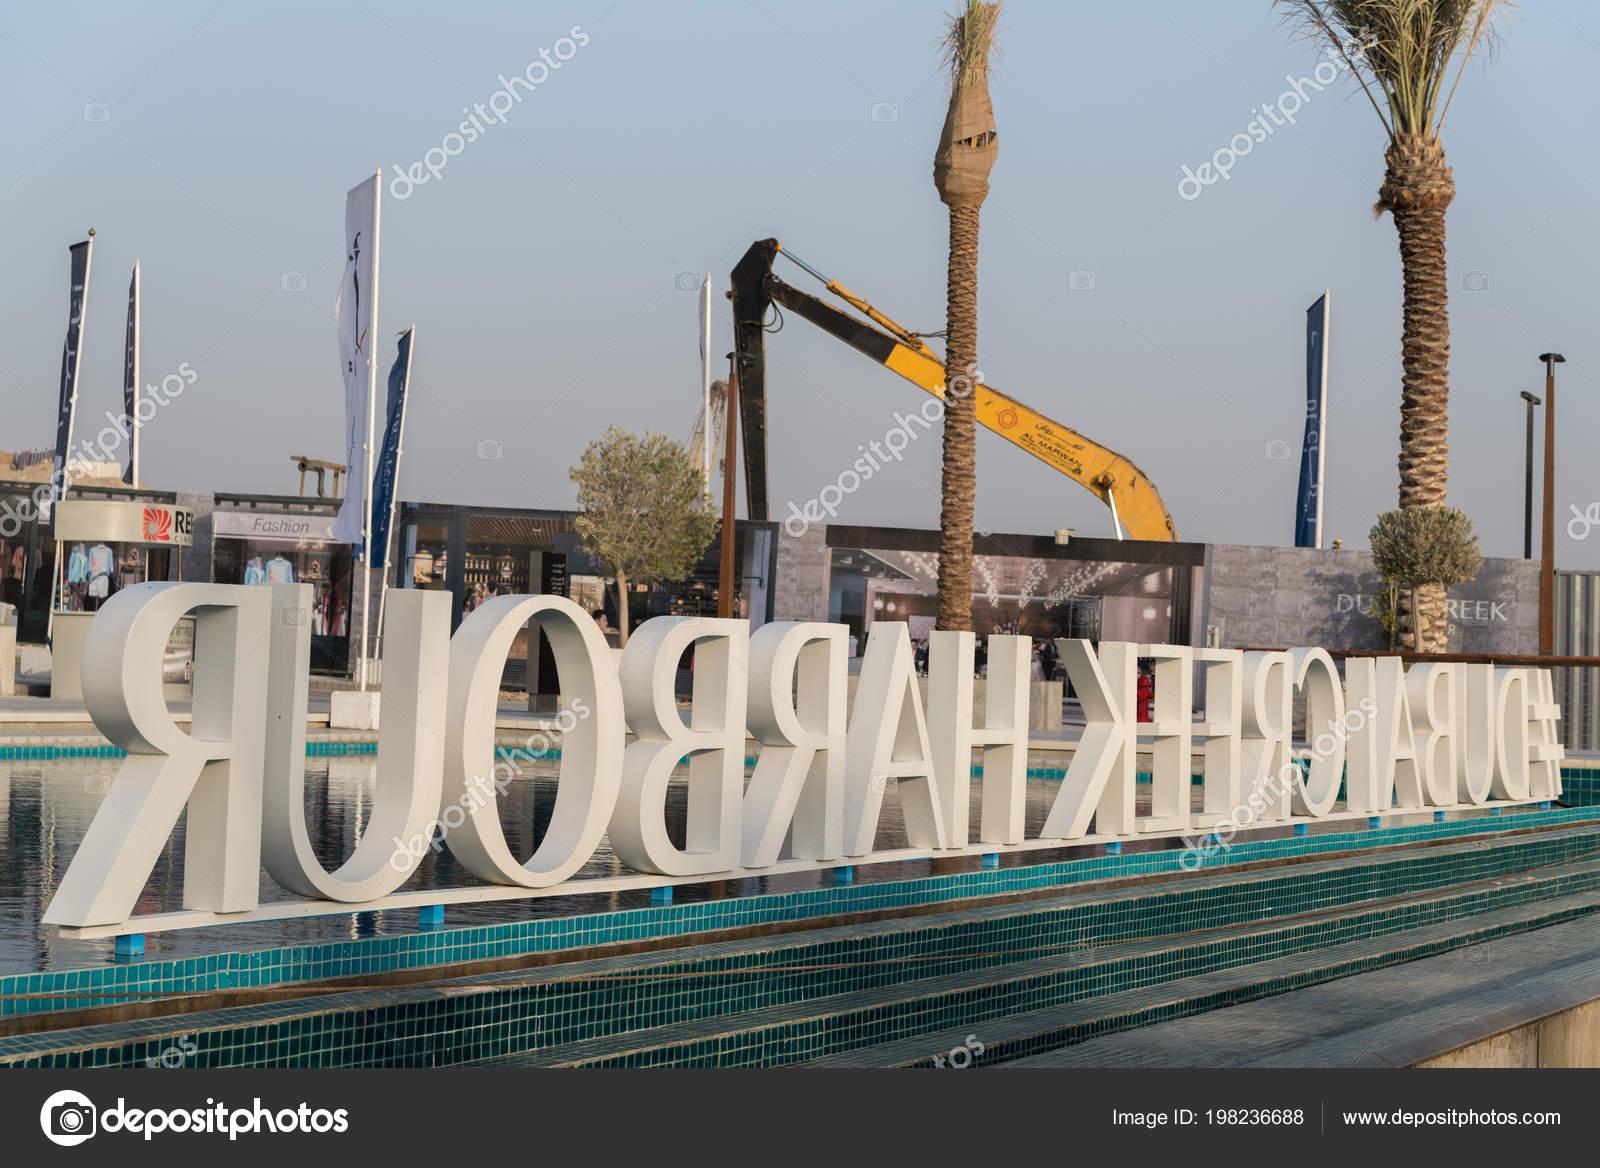 Dubai United Arab Emirates June 2018 Dubai Creek Harbour Located